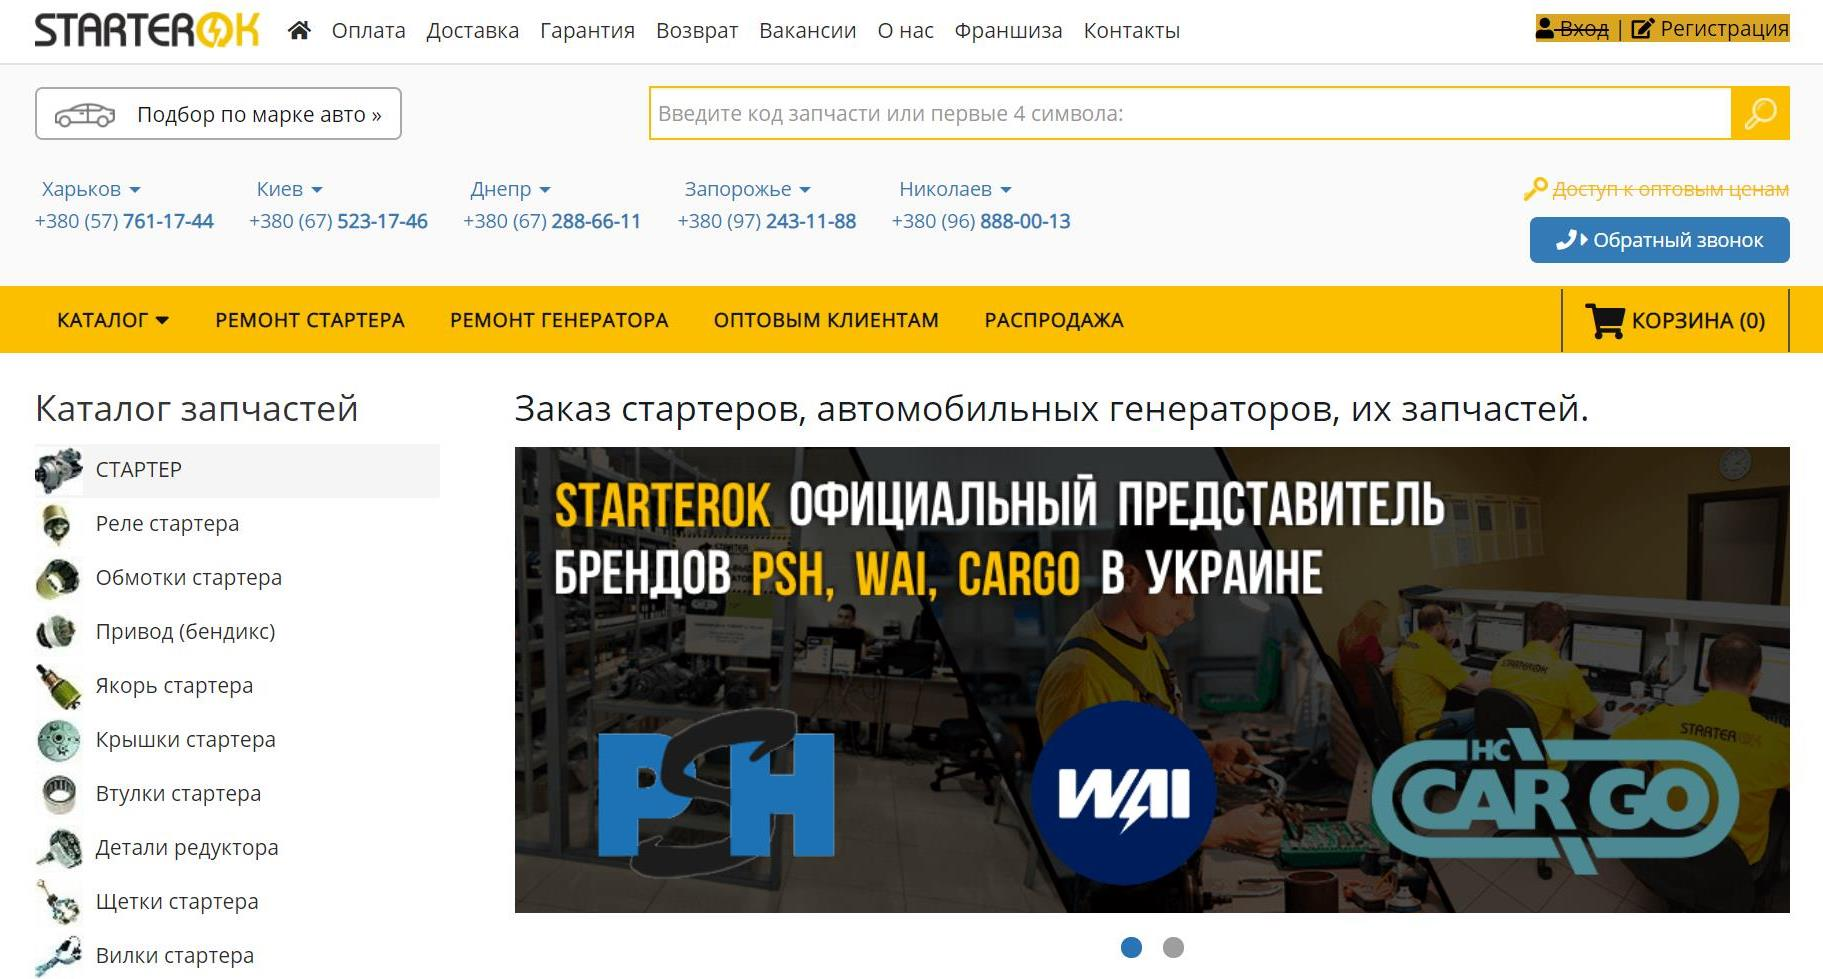 главная сайт starterok.com.ua